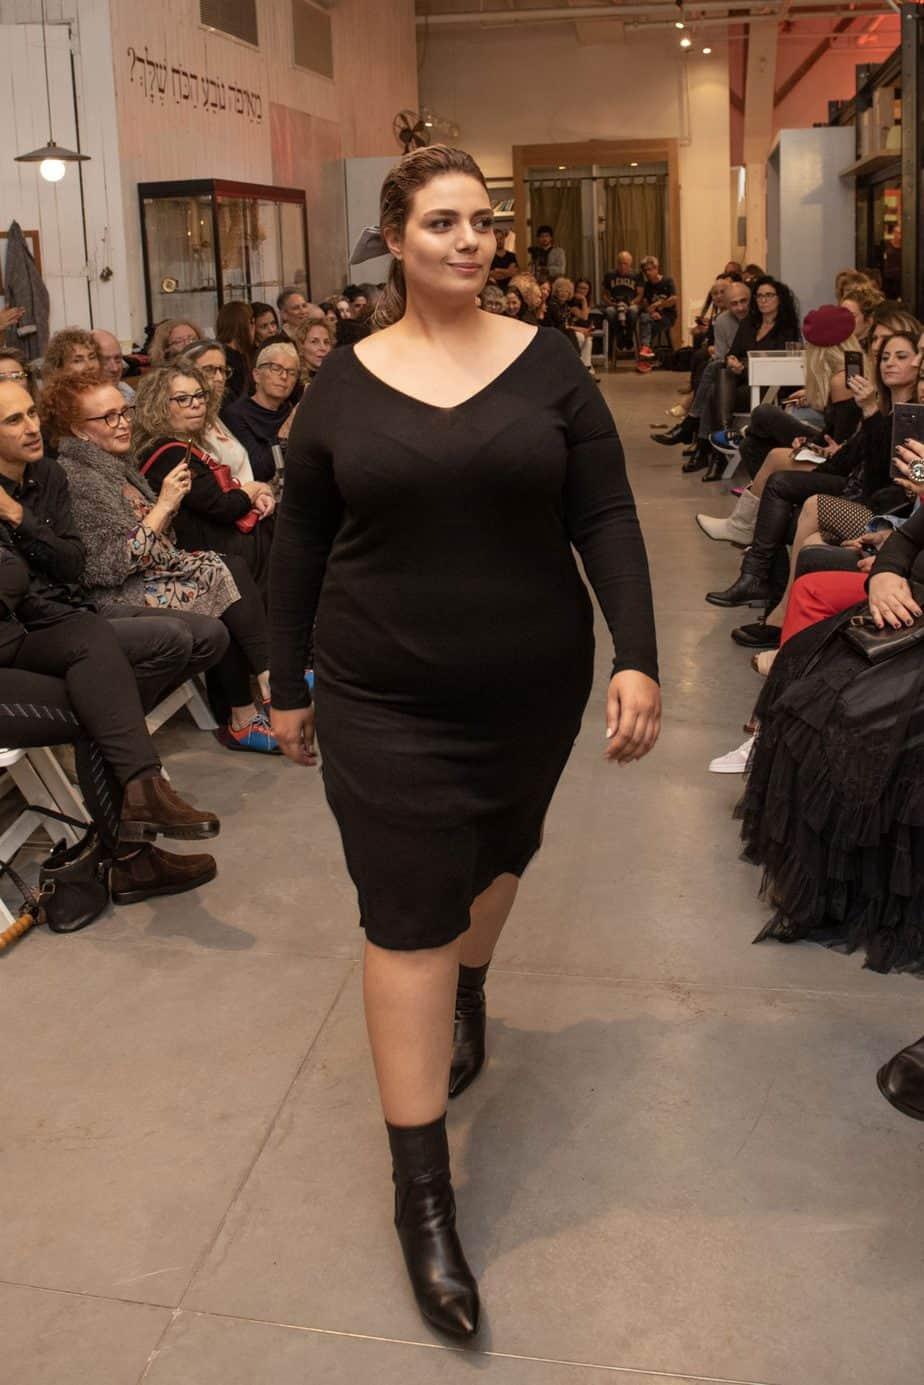 קום איל פו. תצוגת אופנה סתיו חורף 208-19. צילום: יניב לוי -29